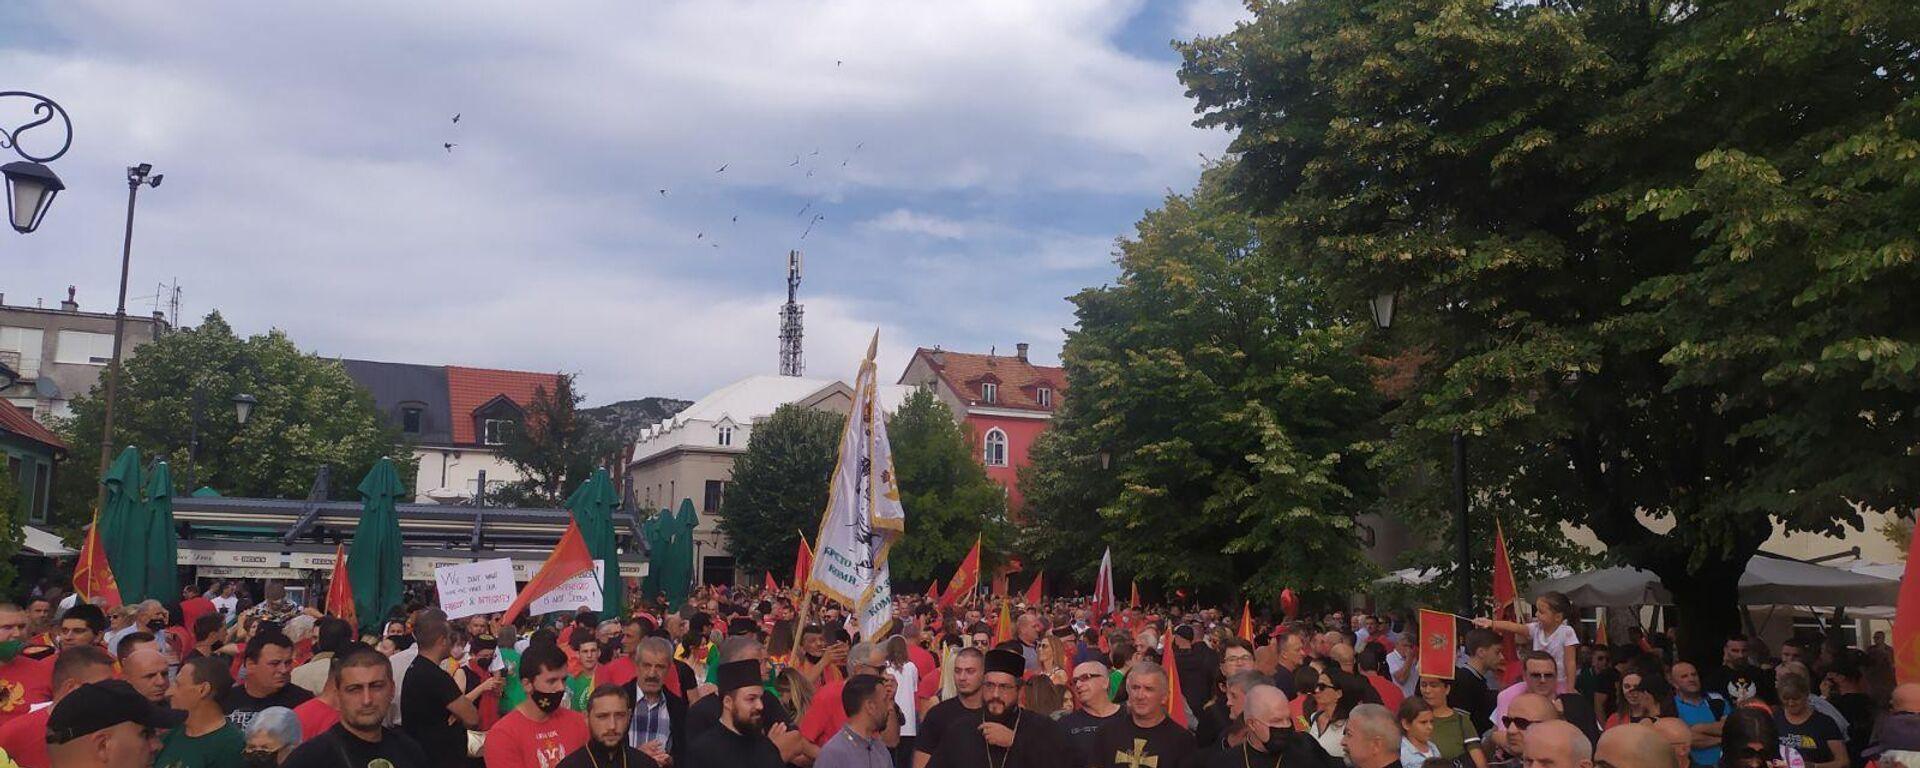 Протест на Цетињу - Sputnik Србија, 1920, 18.09.2021